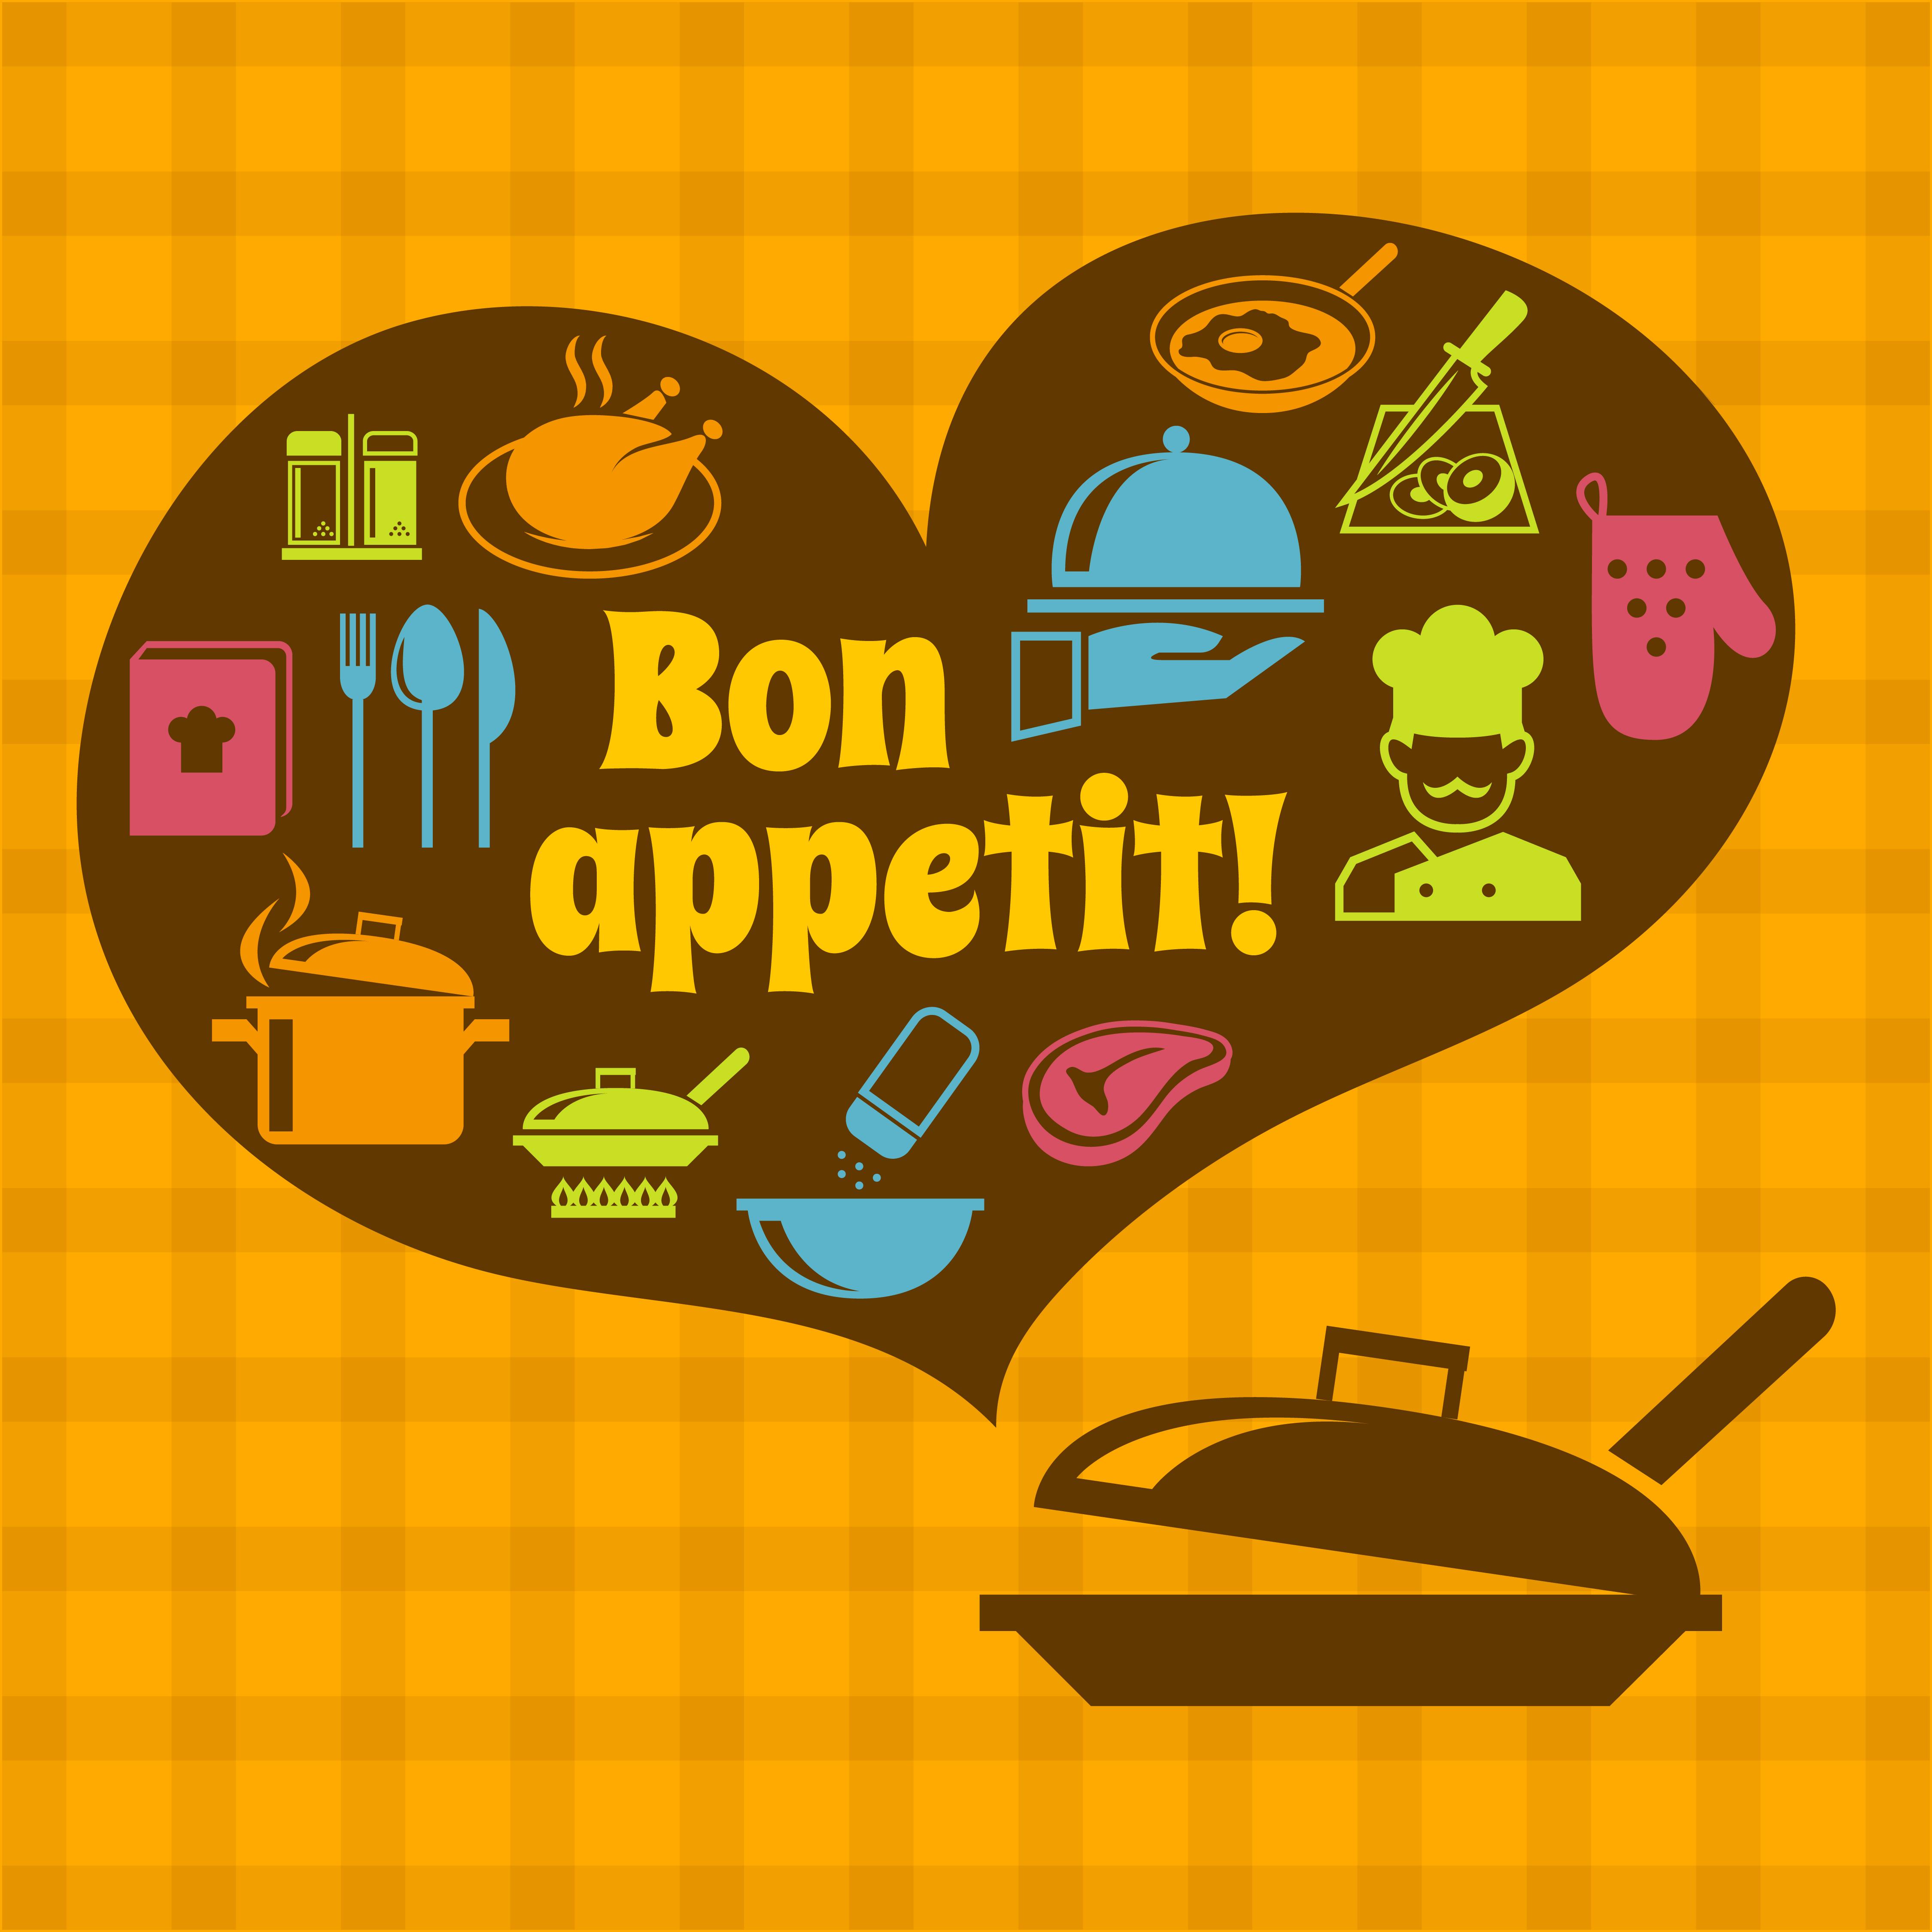 Картинки приятного аппетита на английском